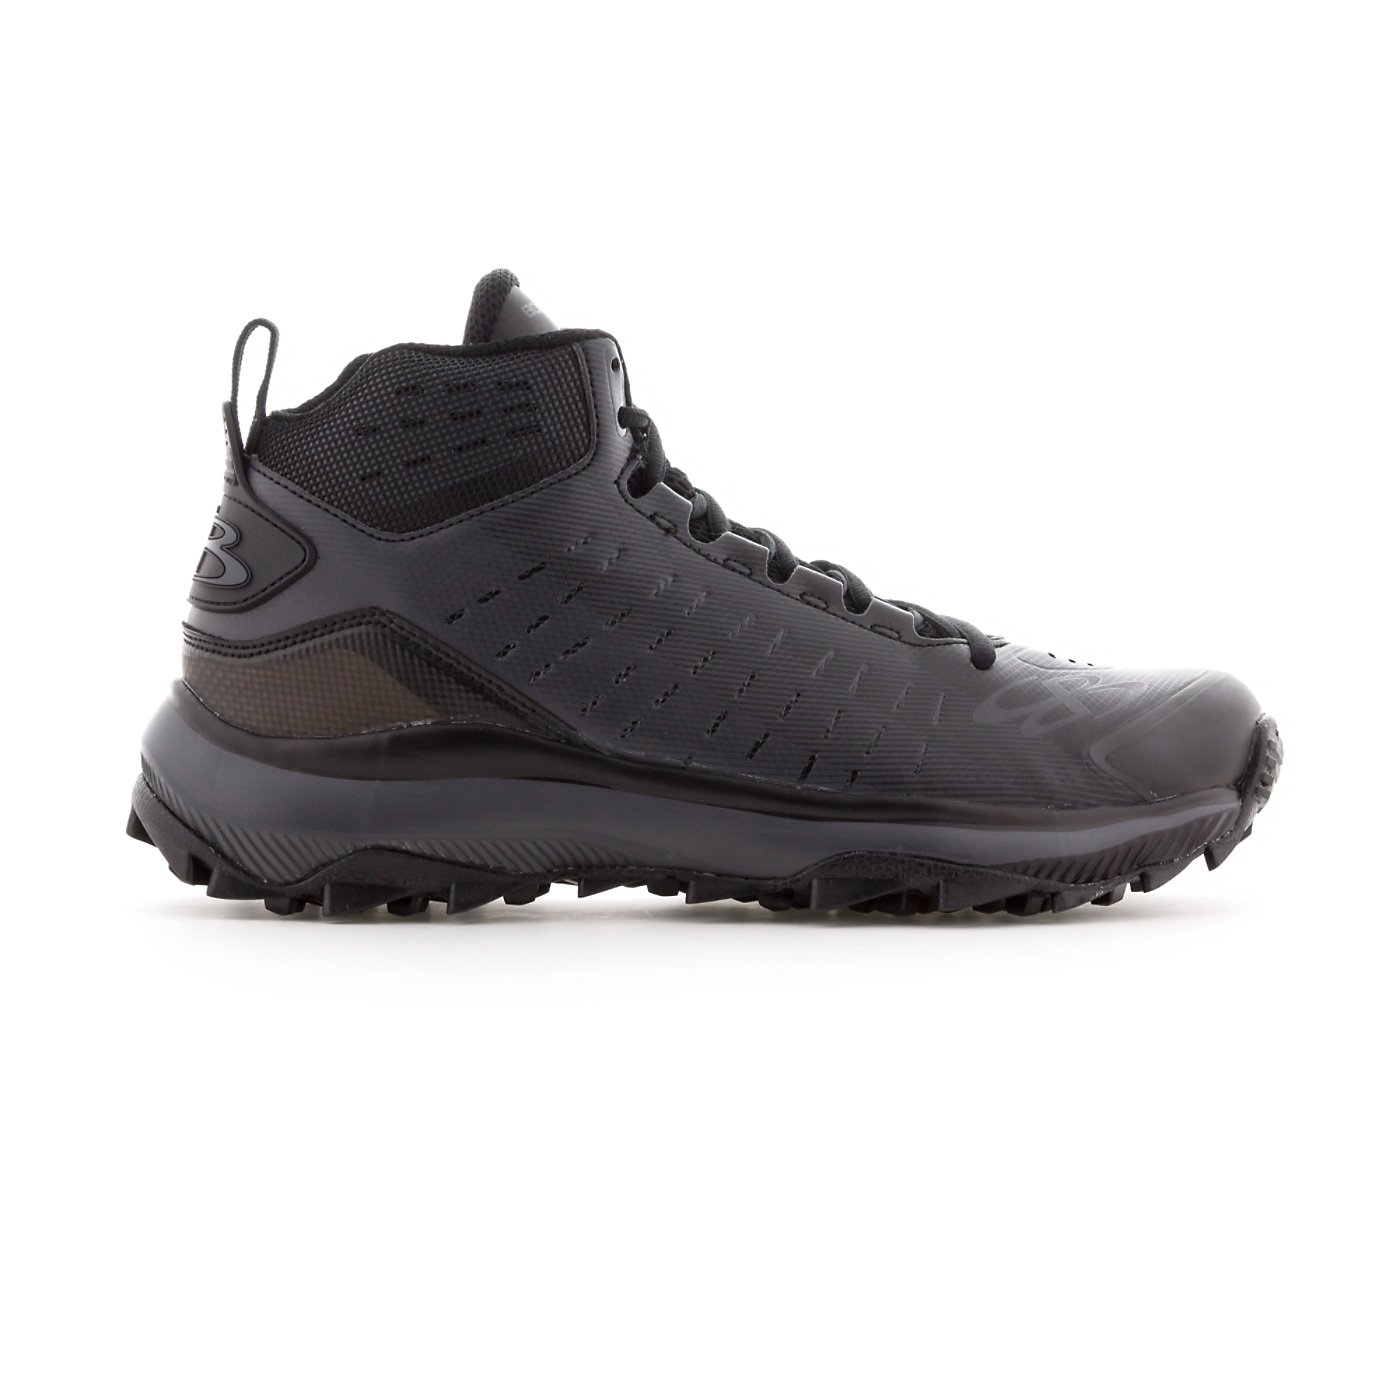 BoombahメンズCatalyst Mid Turf Shoes – 10カラーオプション – 複数のサイズ B07B5KS5WW 10.5|ブラック/チャーコール ブラック/チャーコール 10.5